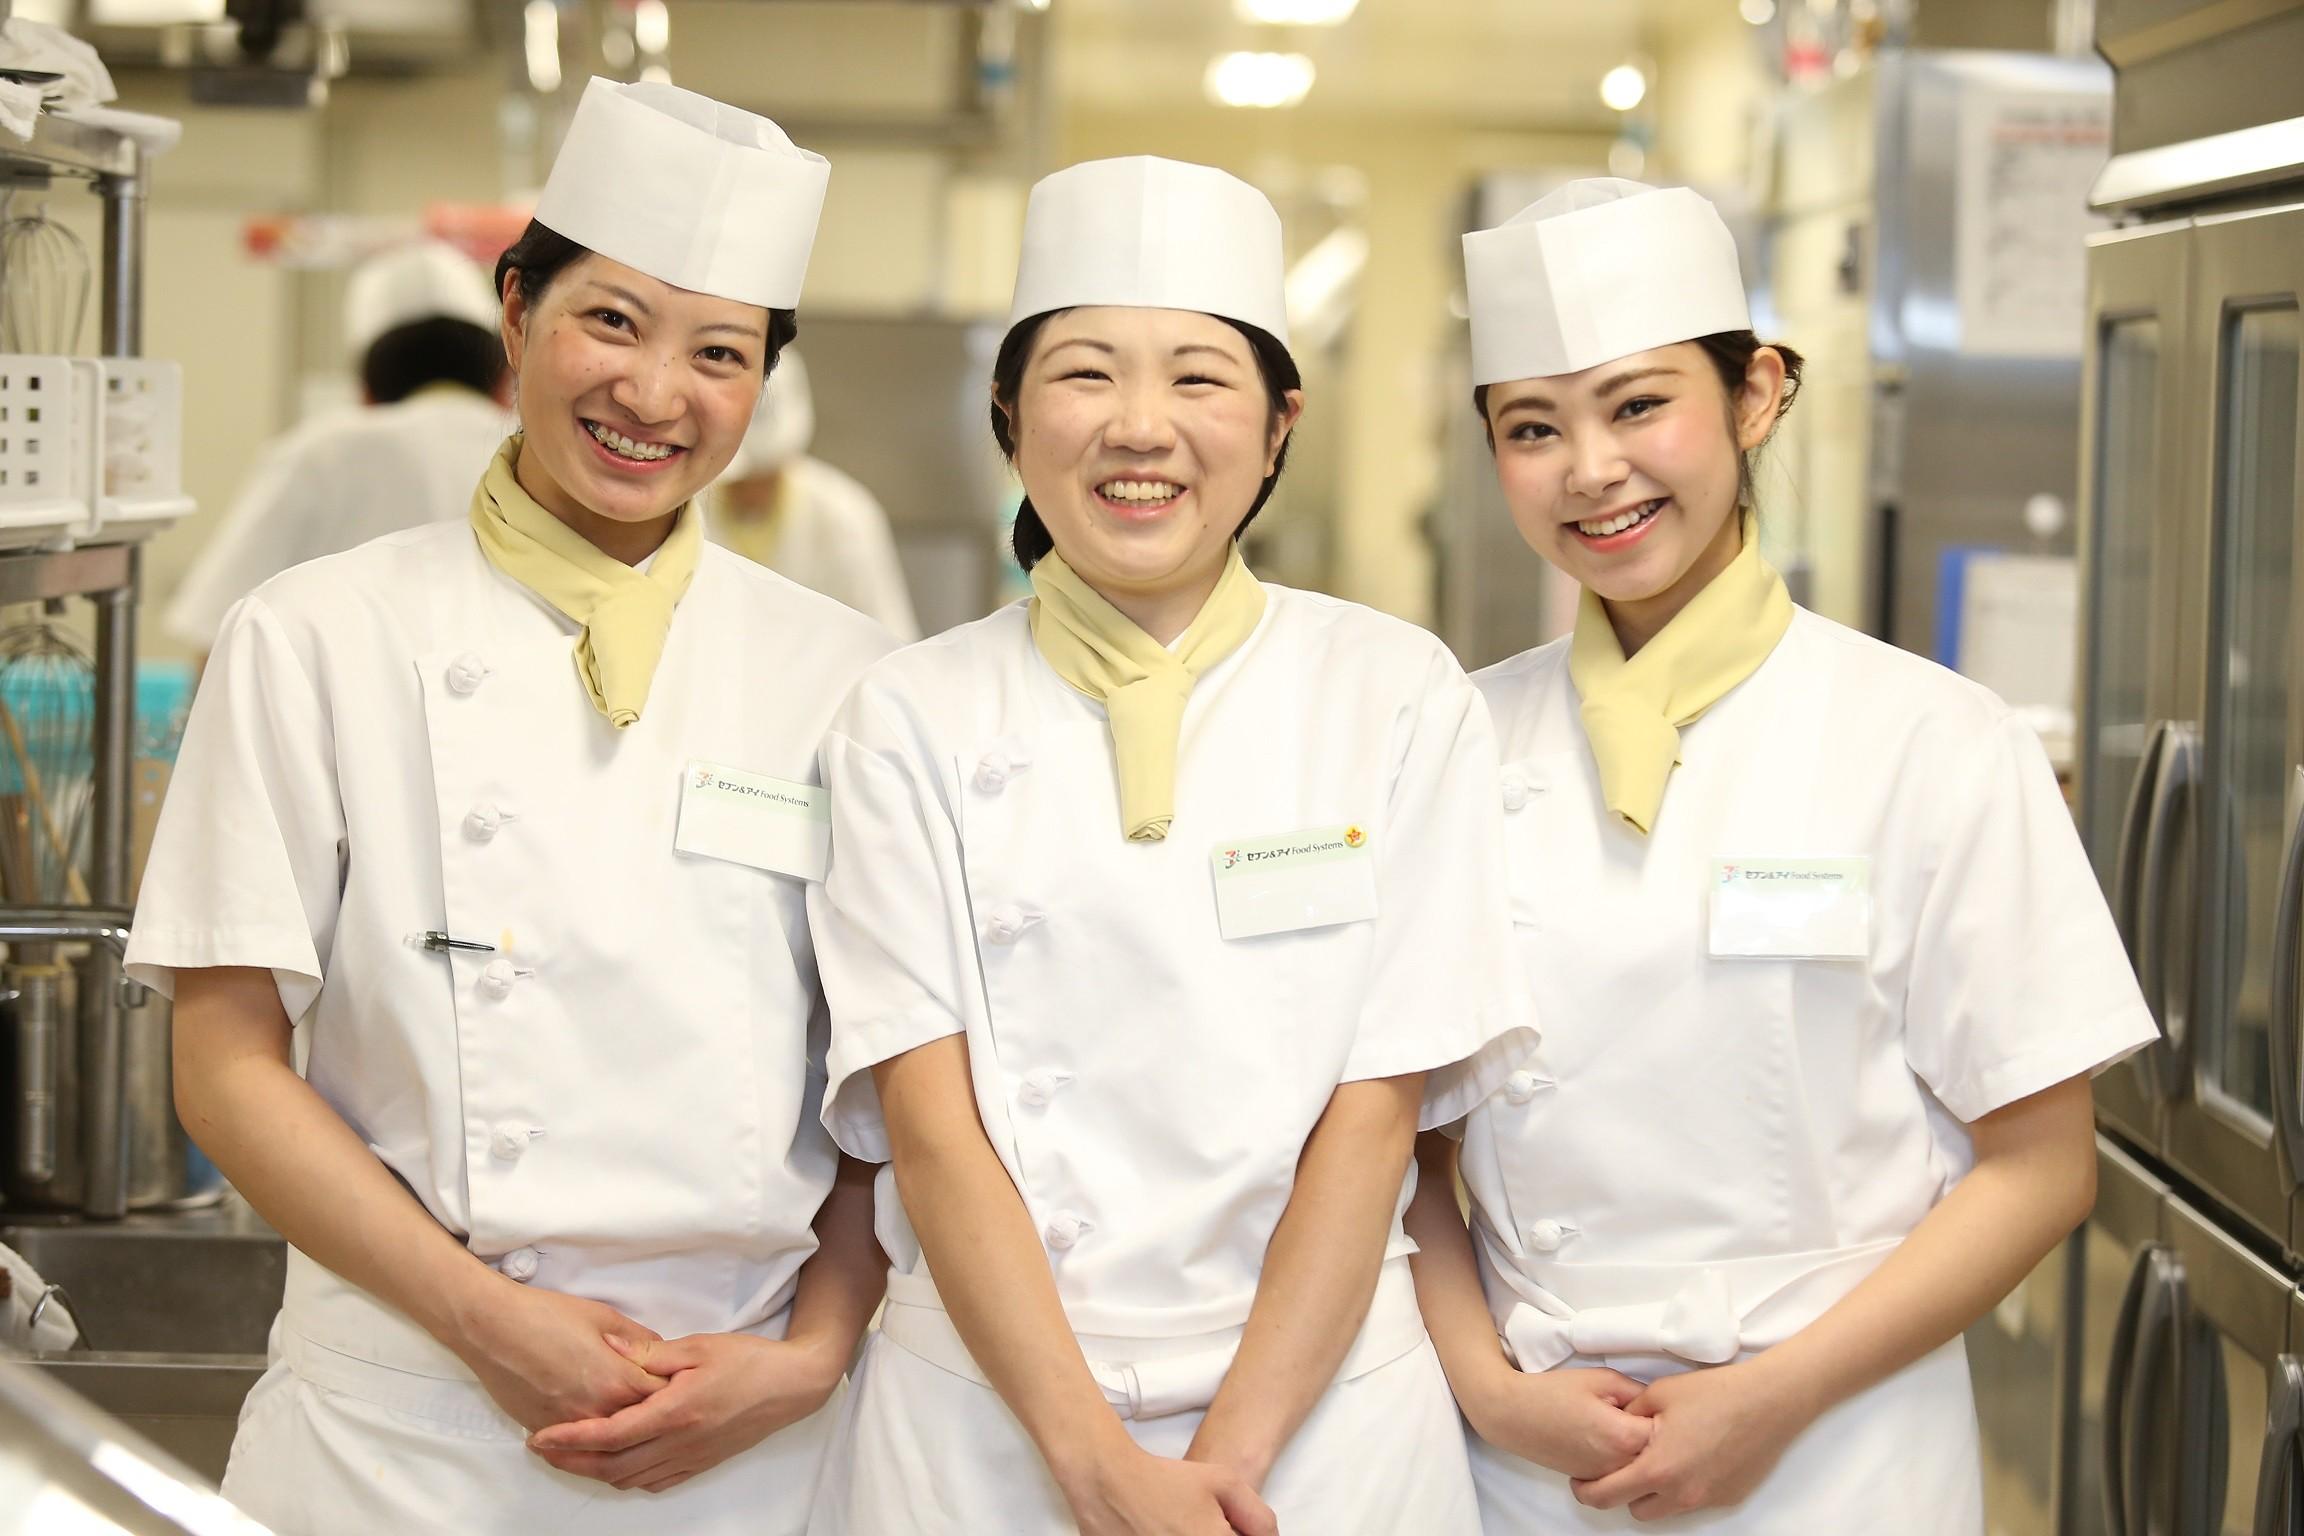 農林中央金庫豊洲支店 社員食堂 のアルバイト情報